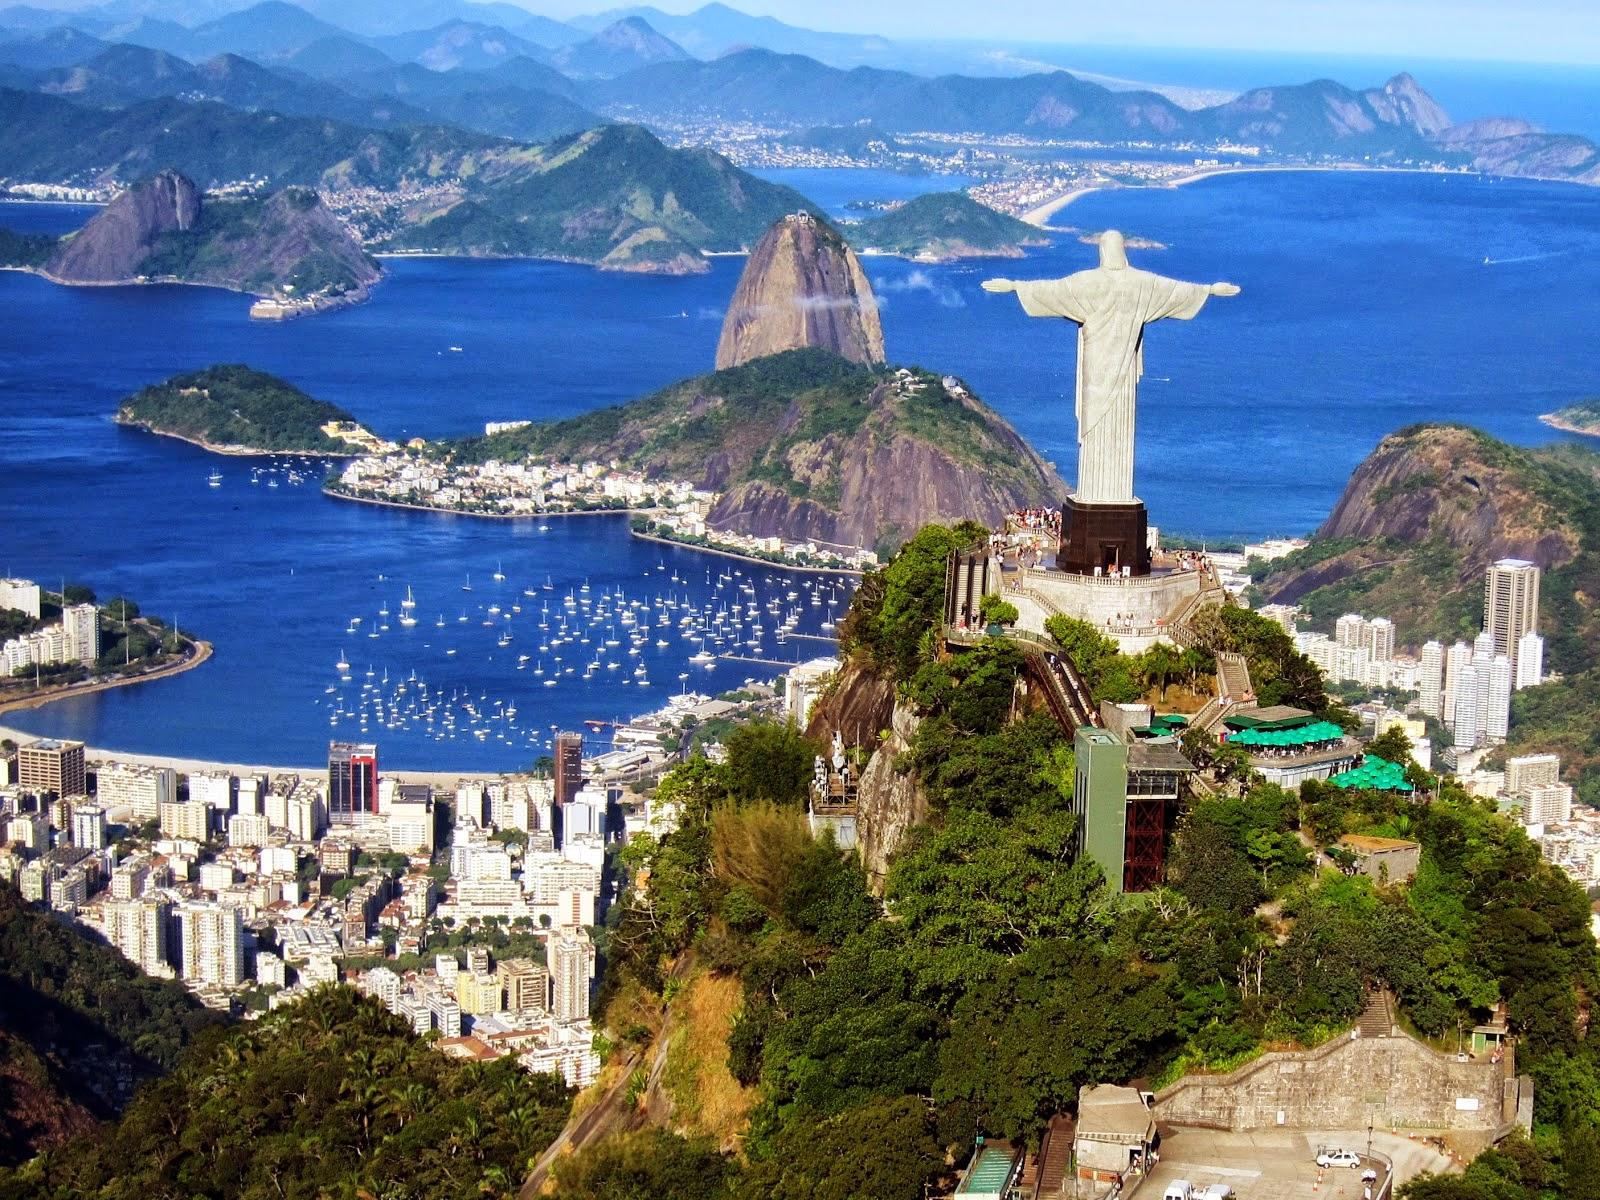 The famous Copacabana Beach in Rio de Janeiro. Brazil